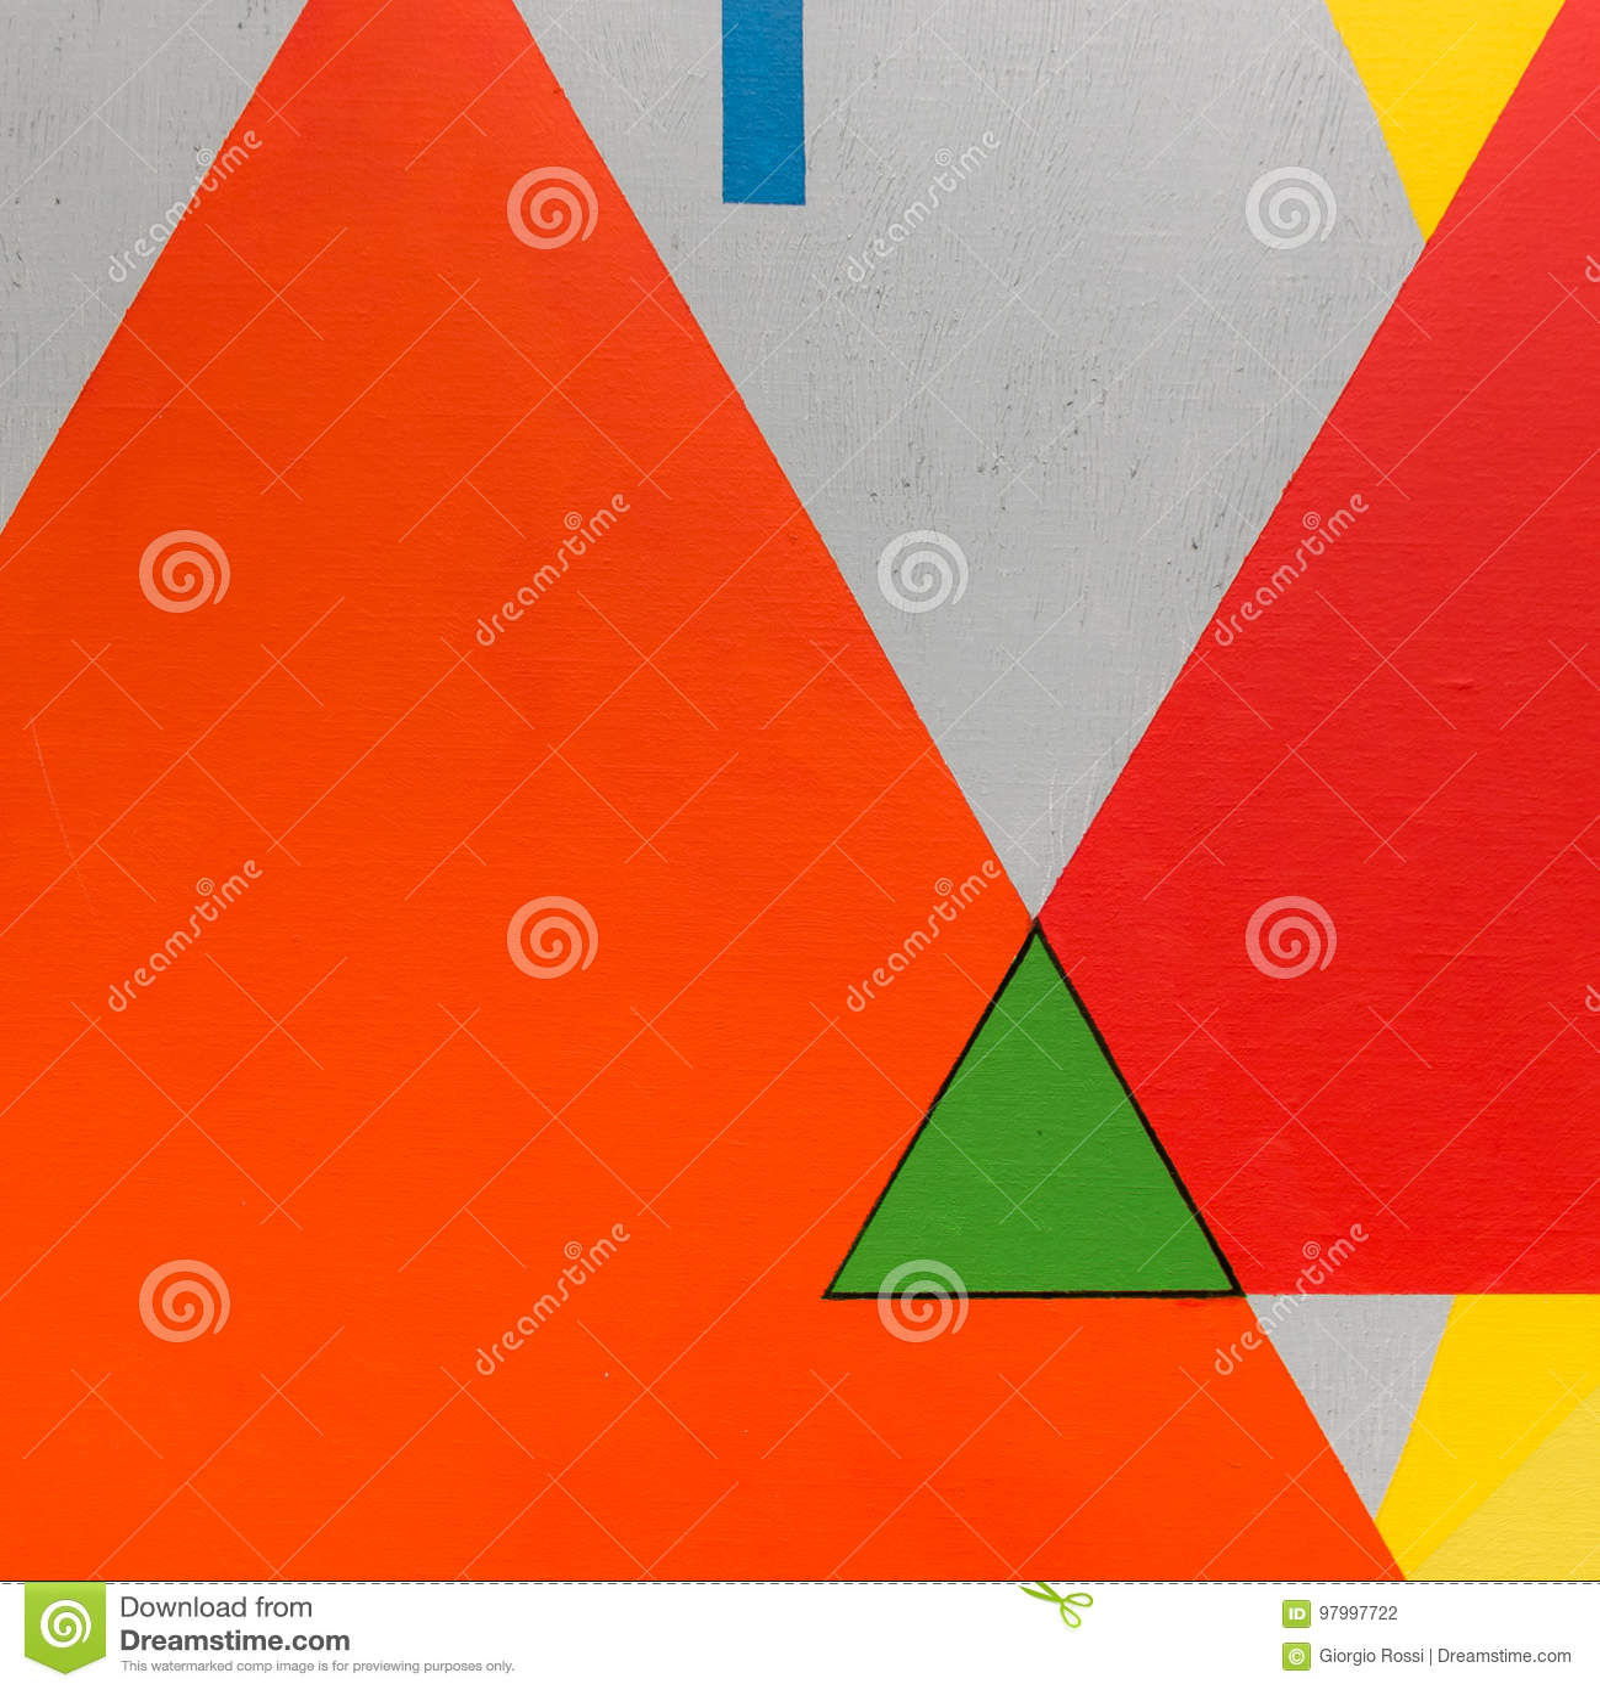 Beste Abstracte Het Schilderen Kunst Met Geometrische Vormen: Kleurrijke ML-81